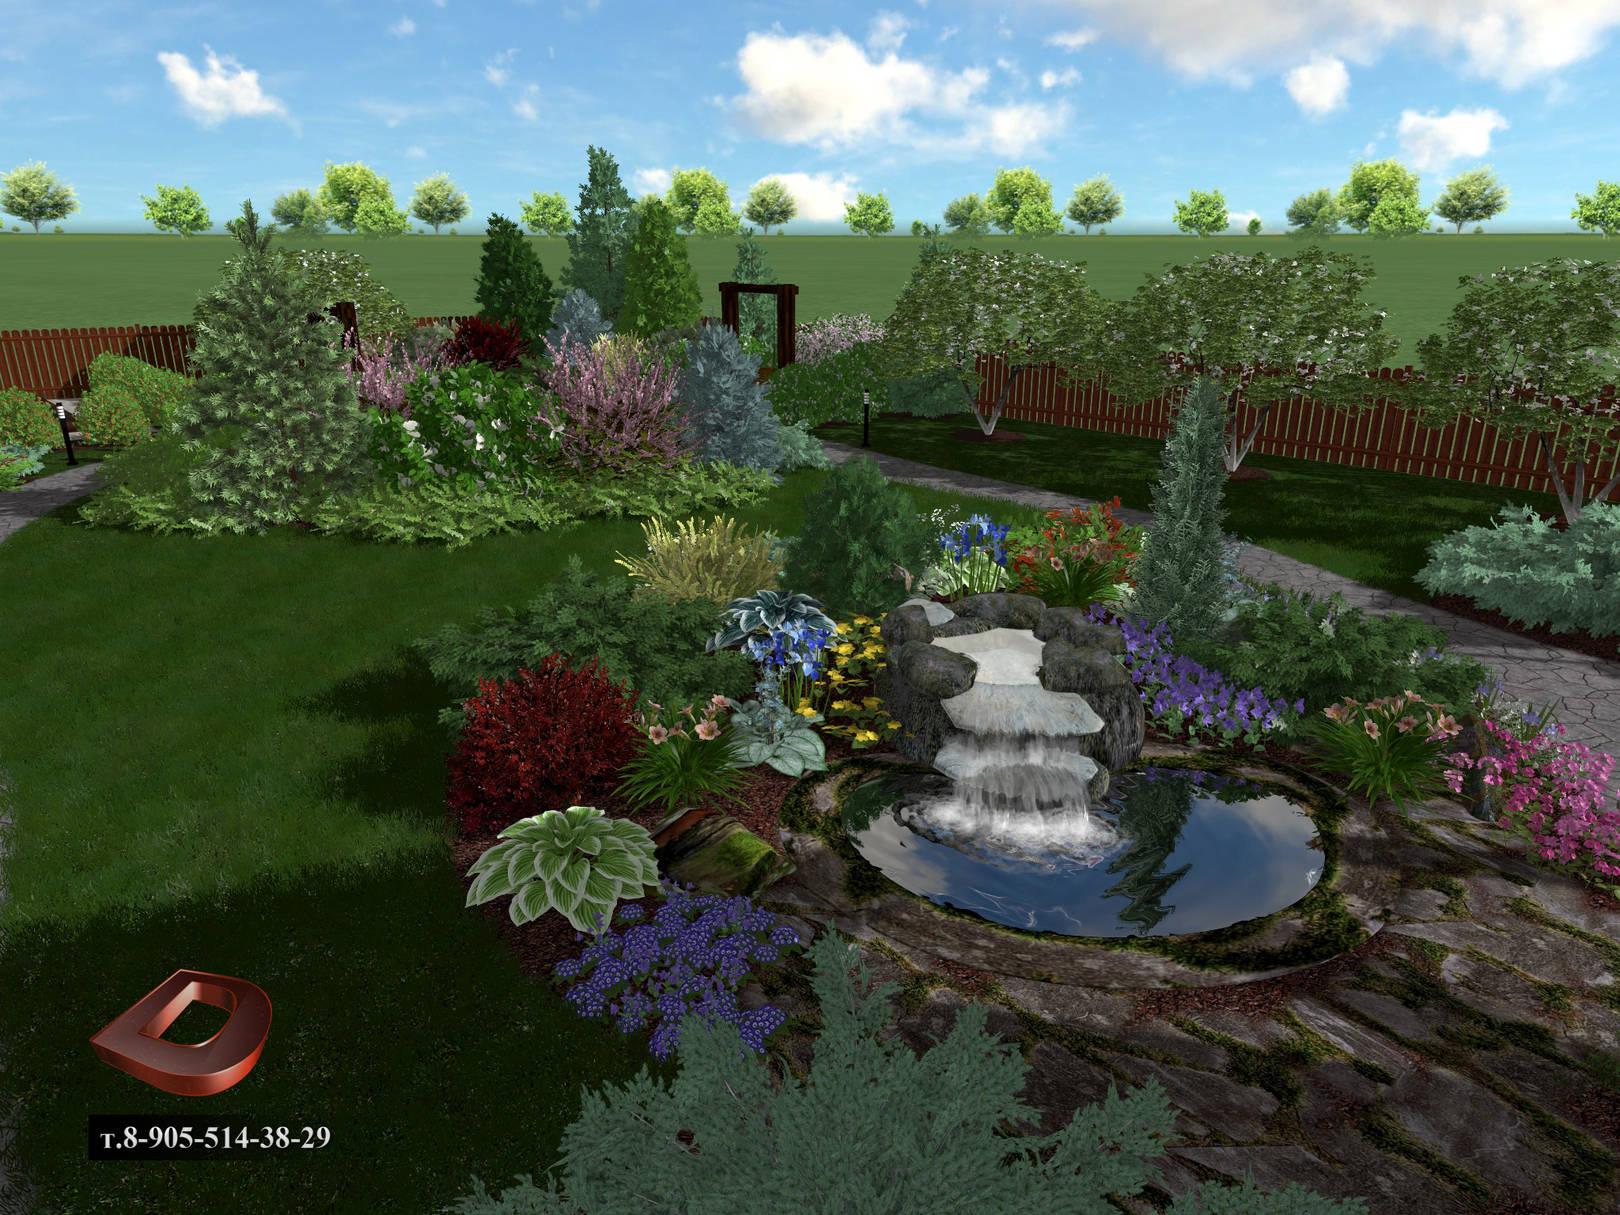 Ландшафтный дизайн дачного участка 14 соток, декоративный водоём с водопадом